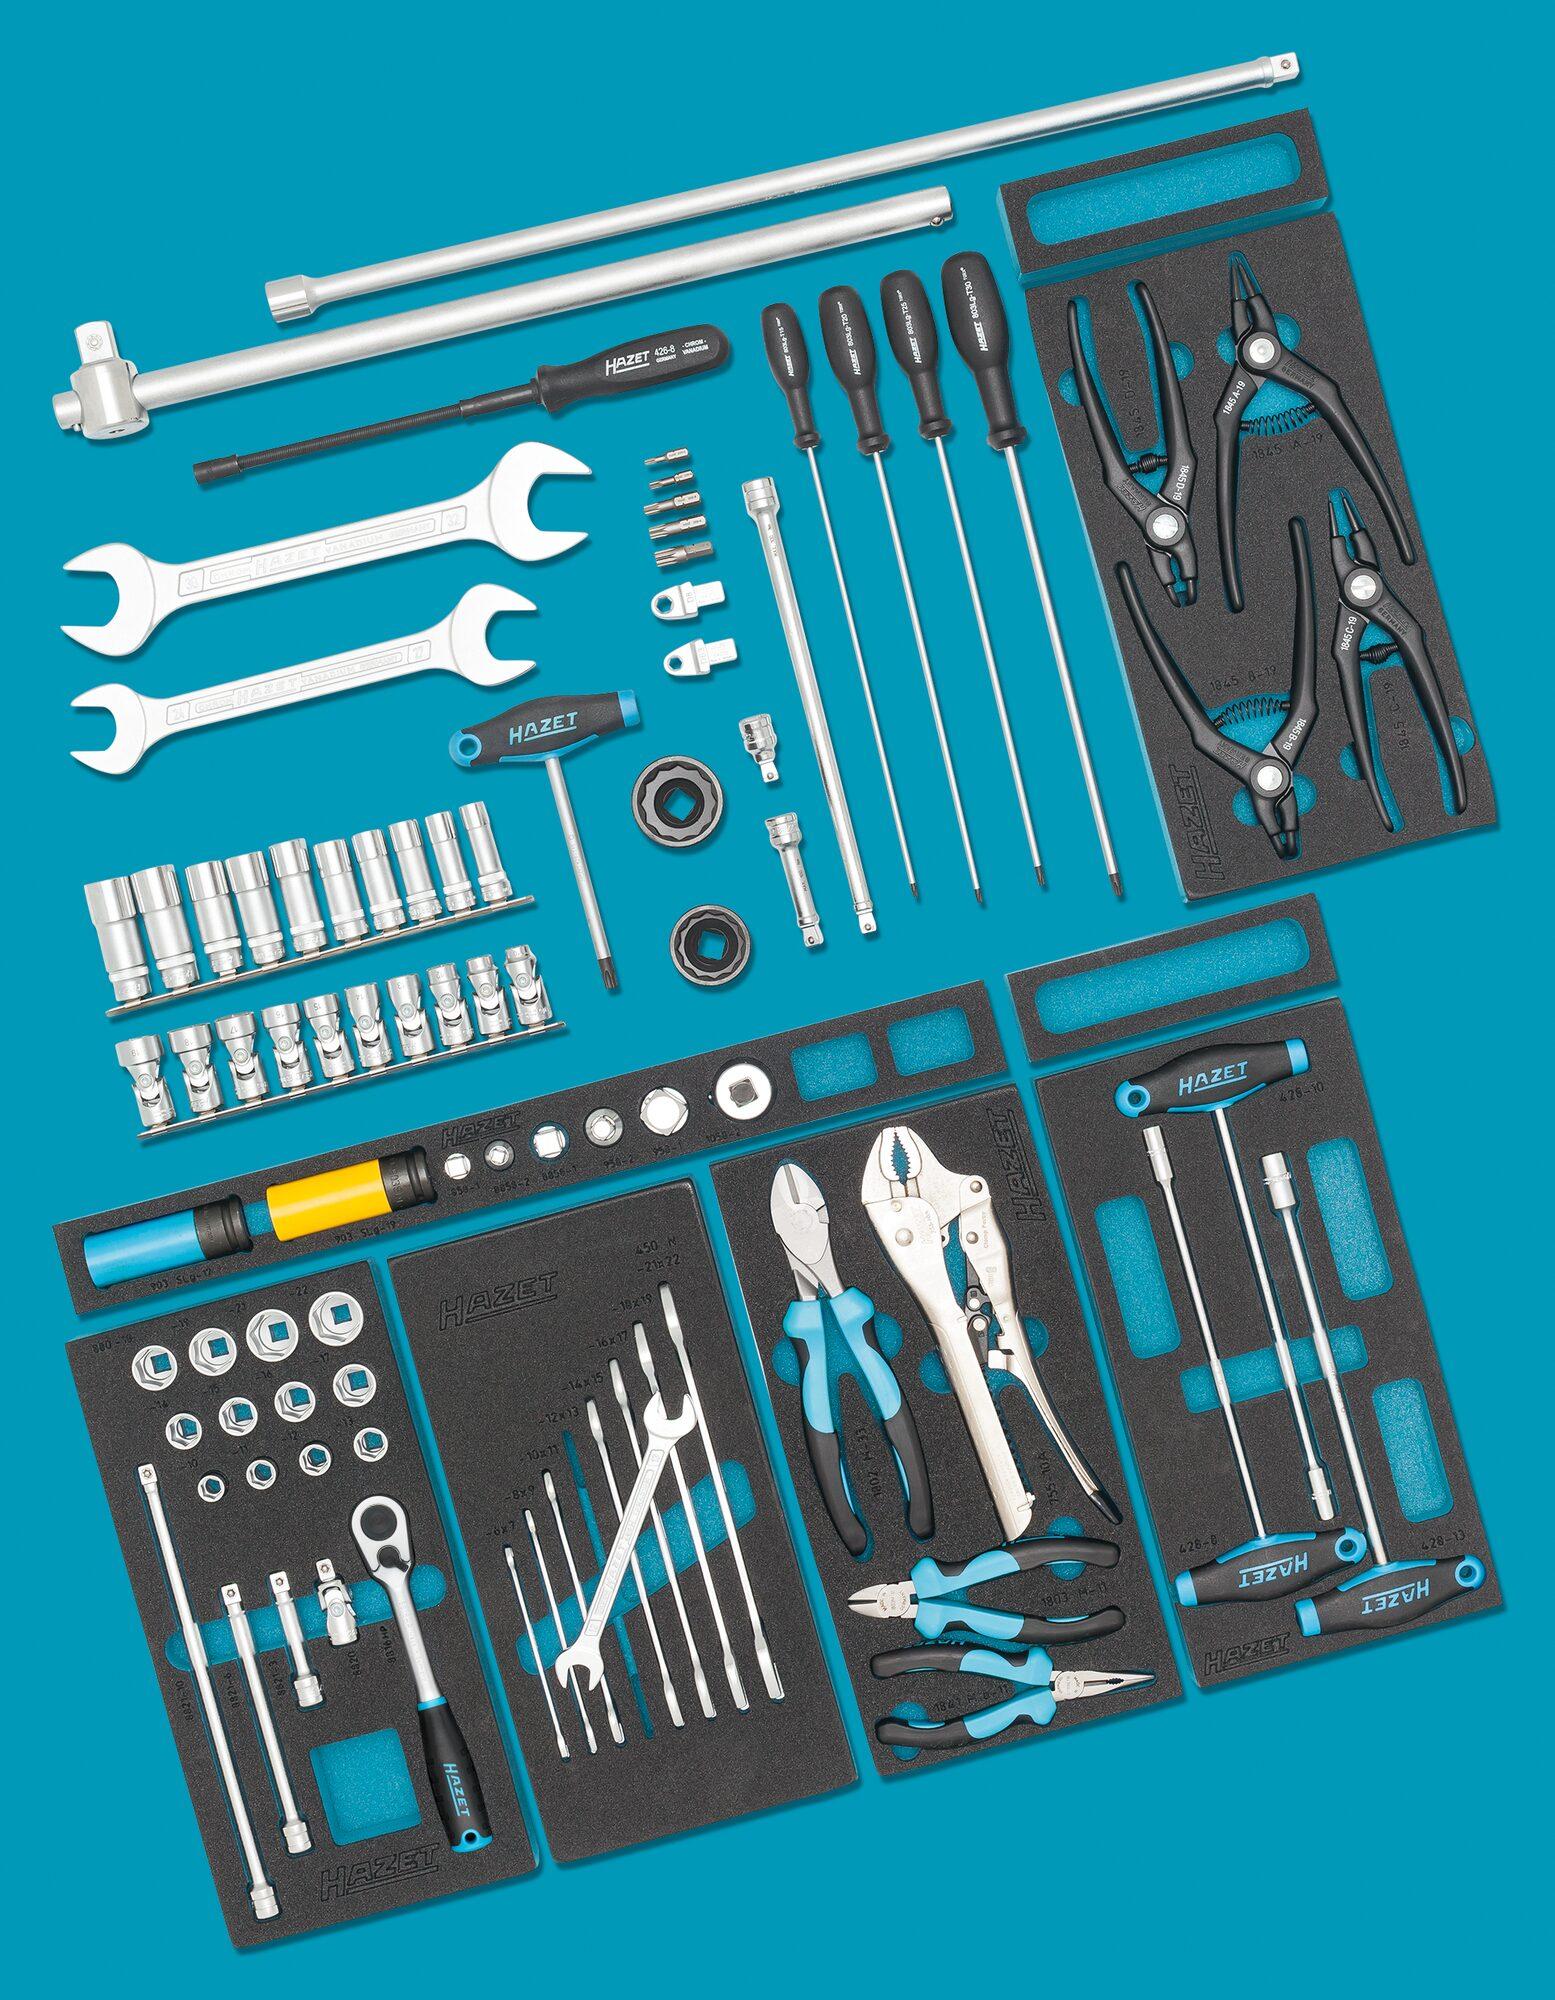 HAZET Ergänzungs-Sortiment für AUDI 0-2500-163/86 ∙ Anzahl Werkzeuge: 86